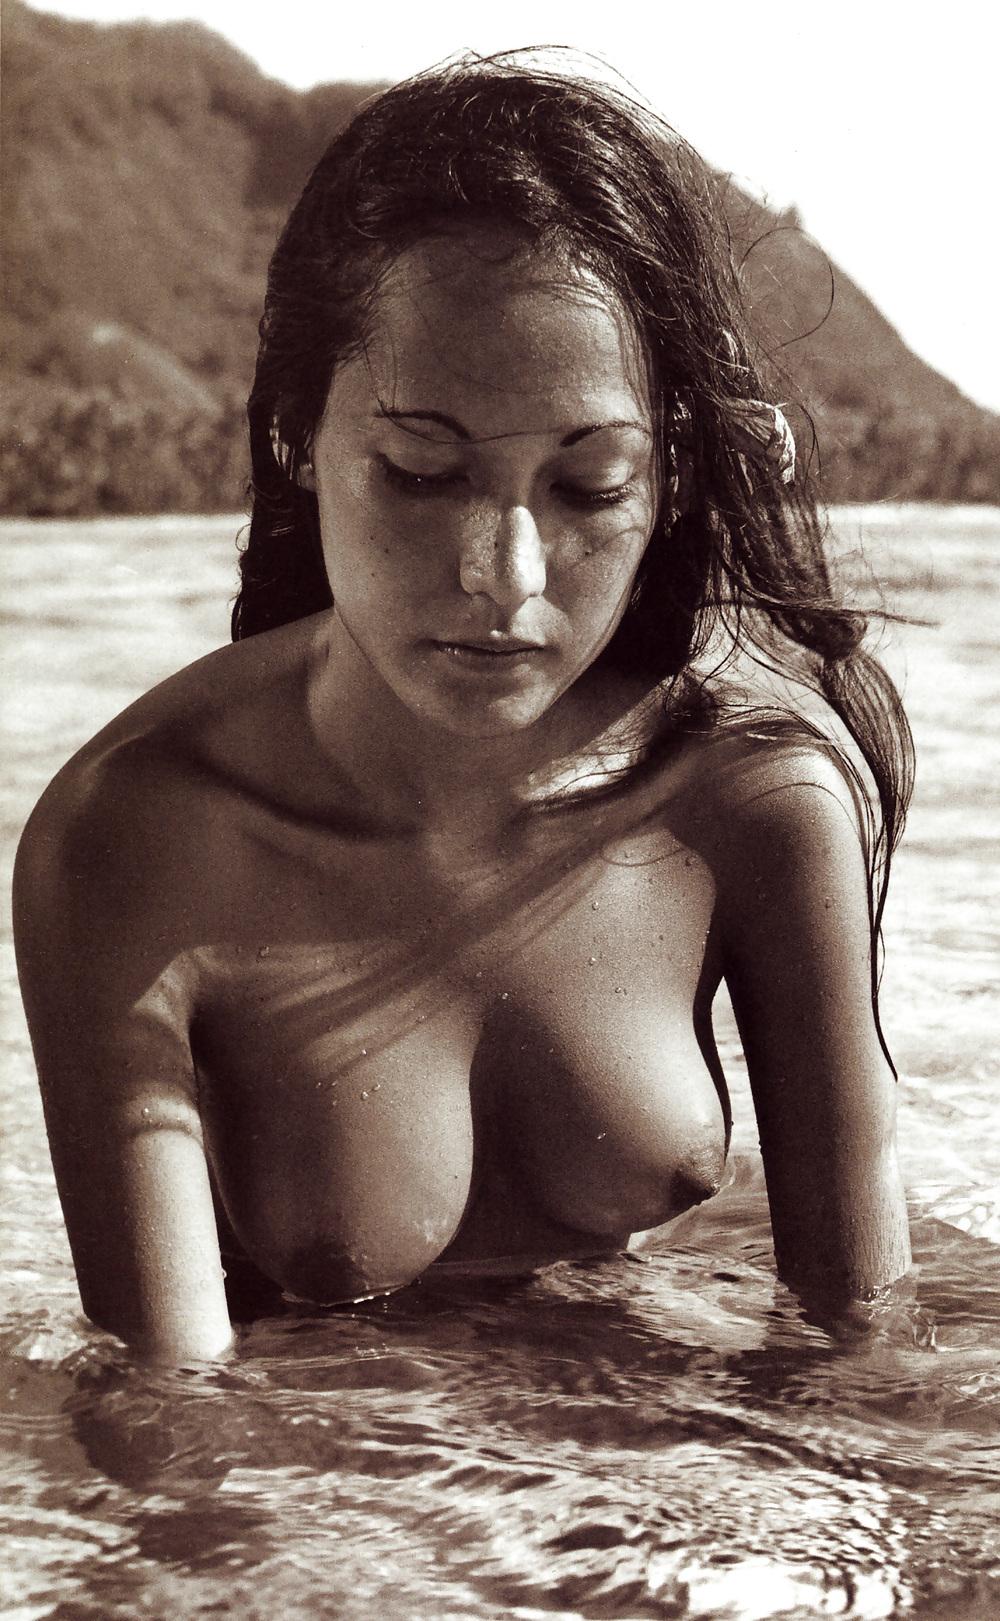 women galleries Topless